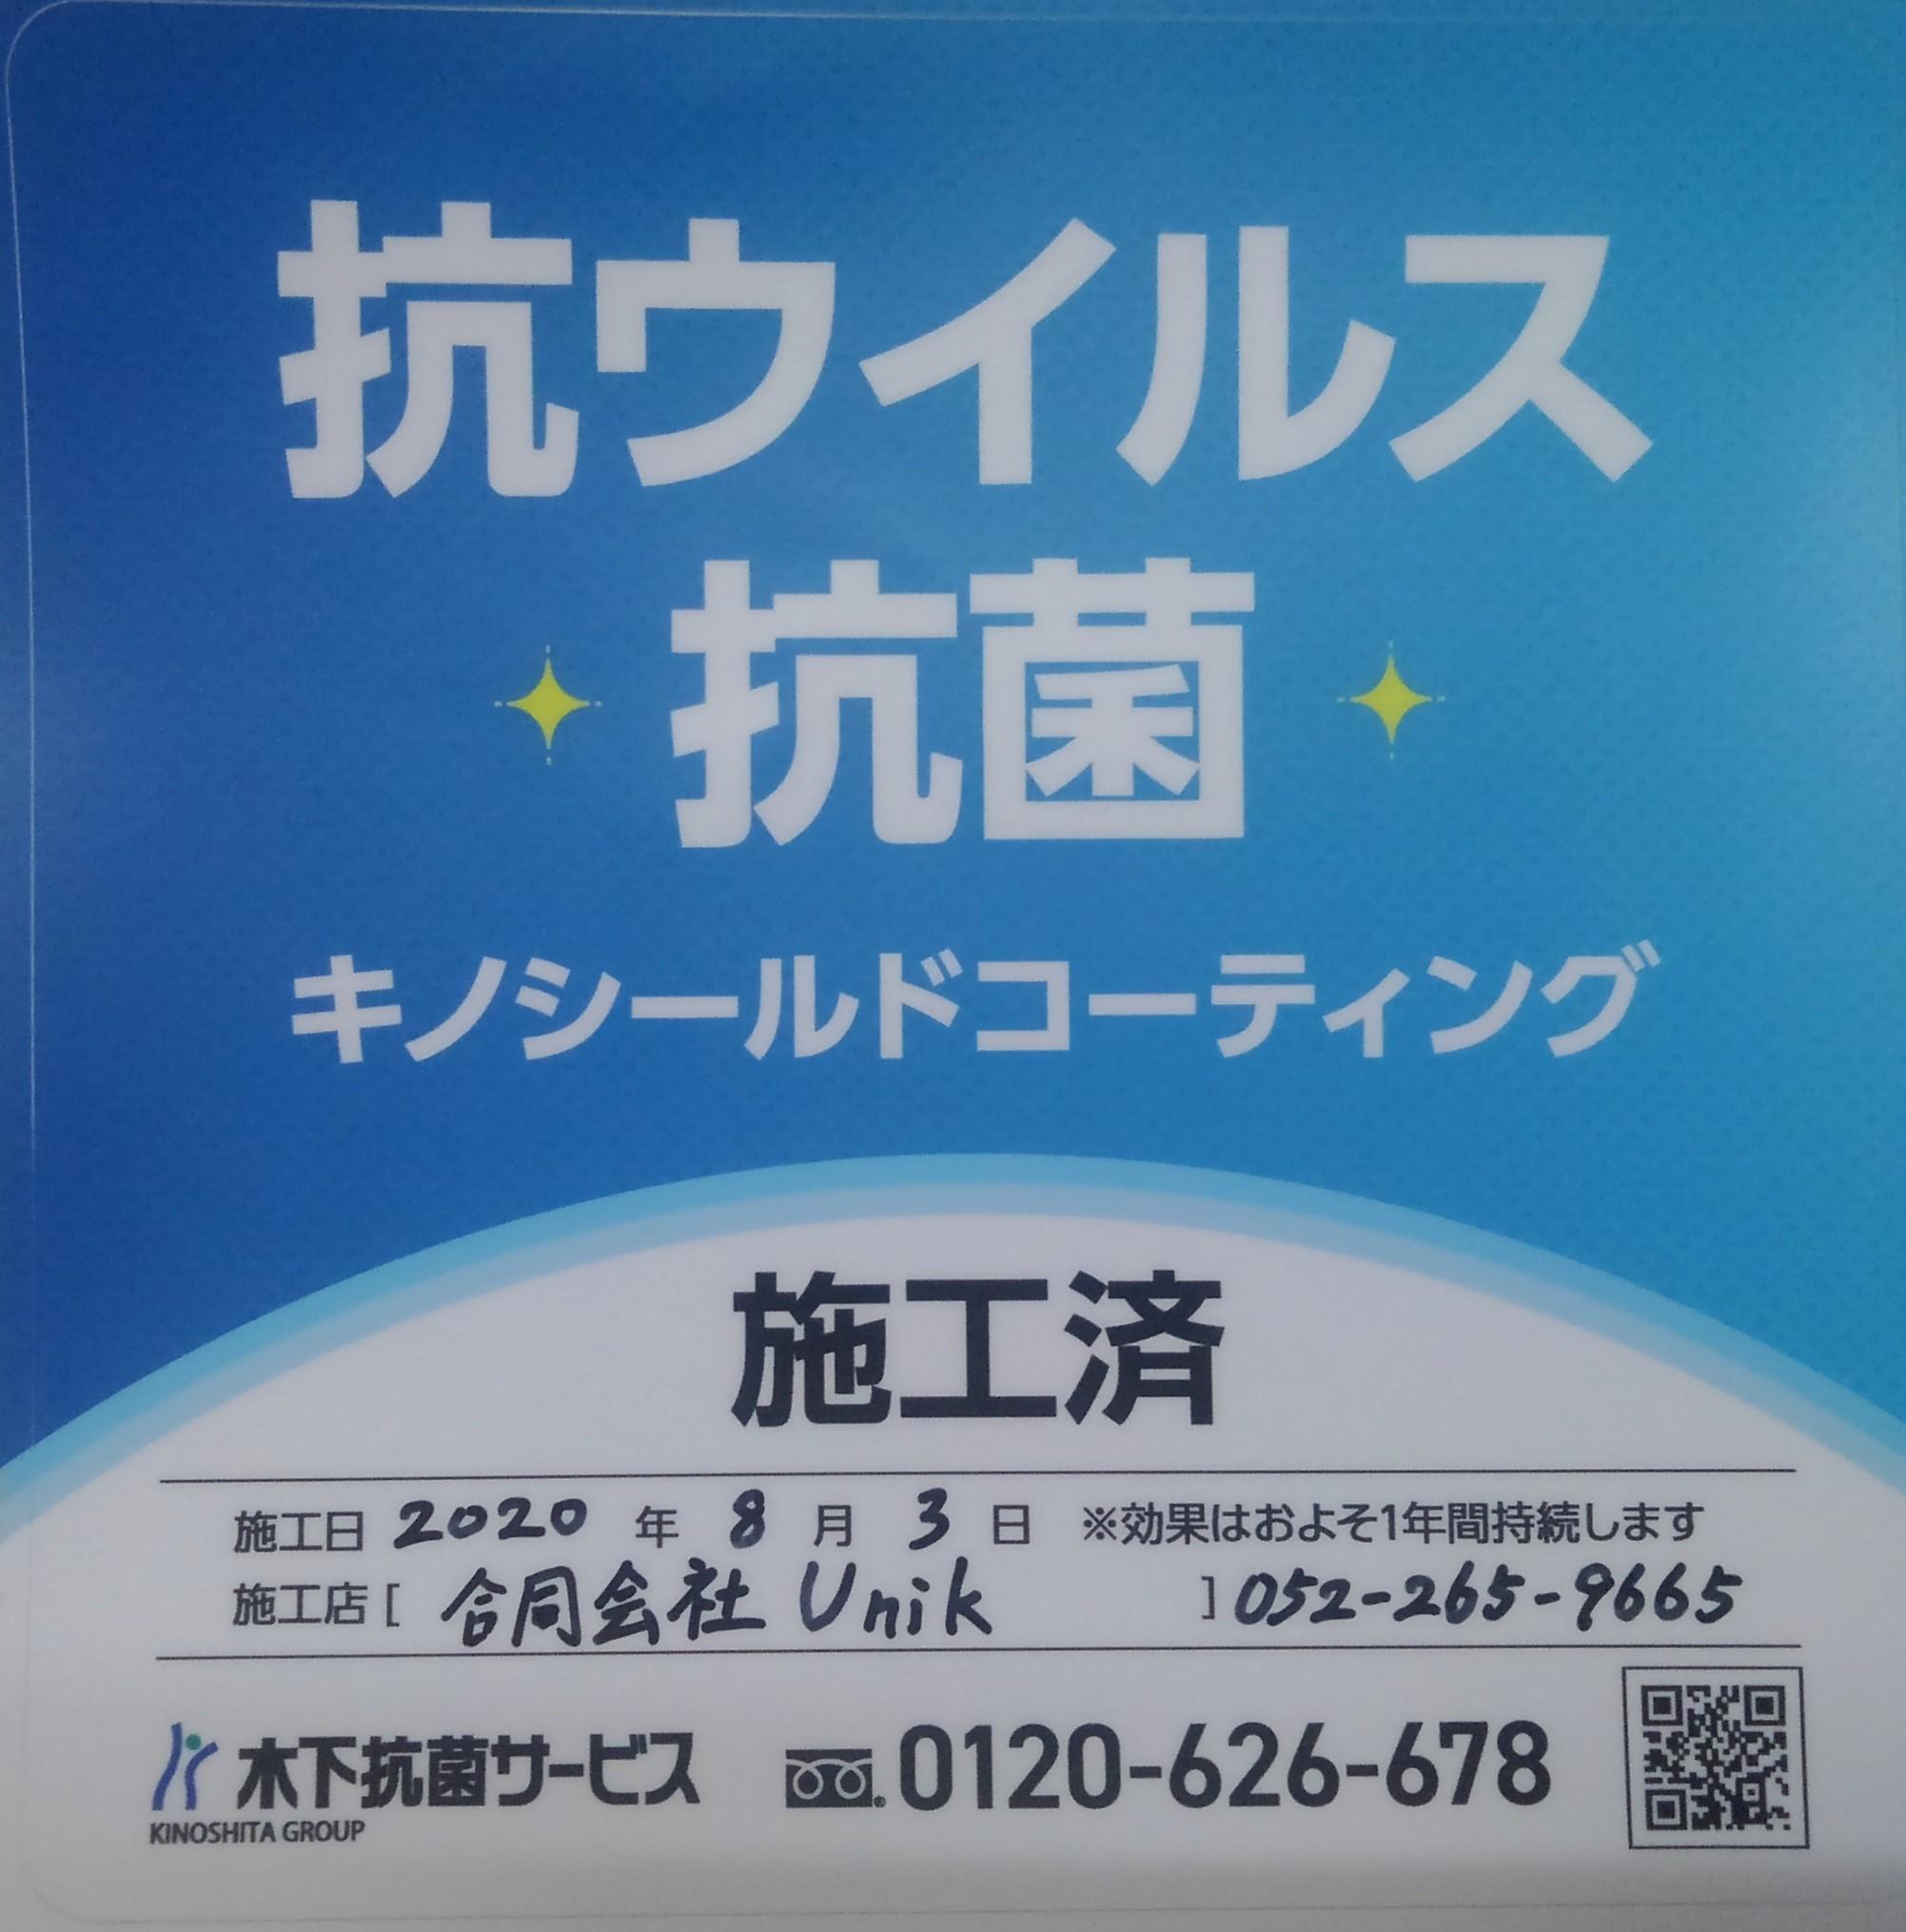 めぐみの湯館内を抗ウイルス・抗菌コーティング_c0141652_12400705.jpg